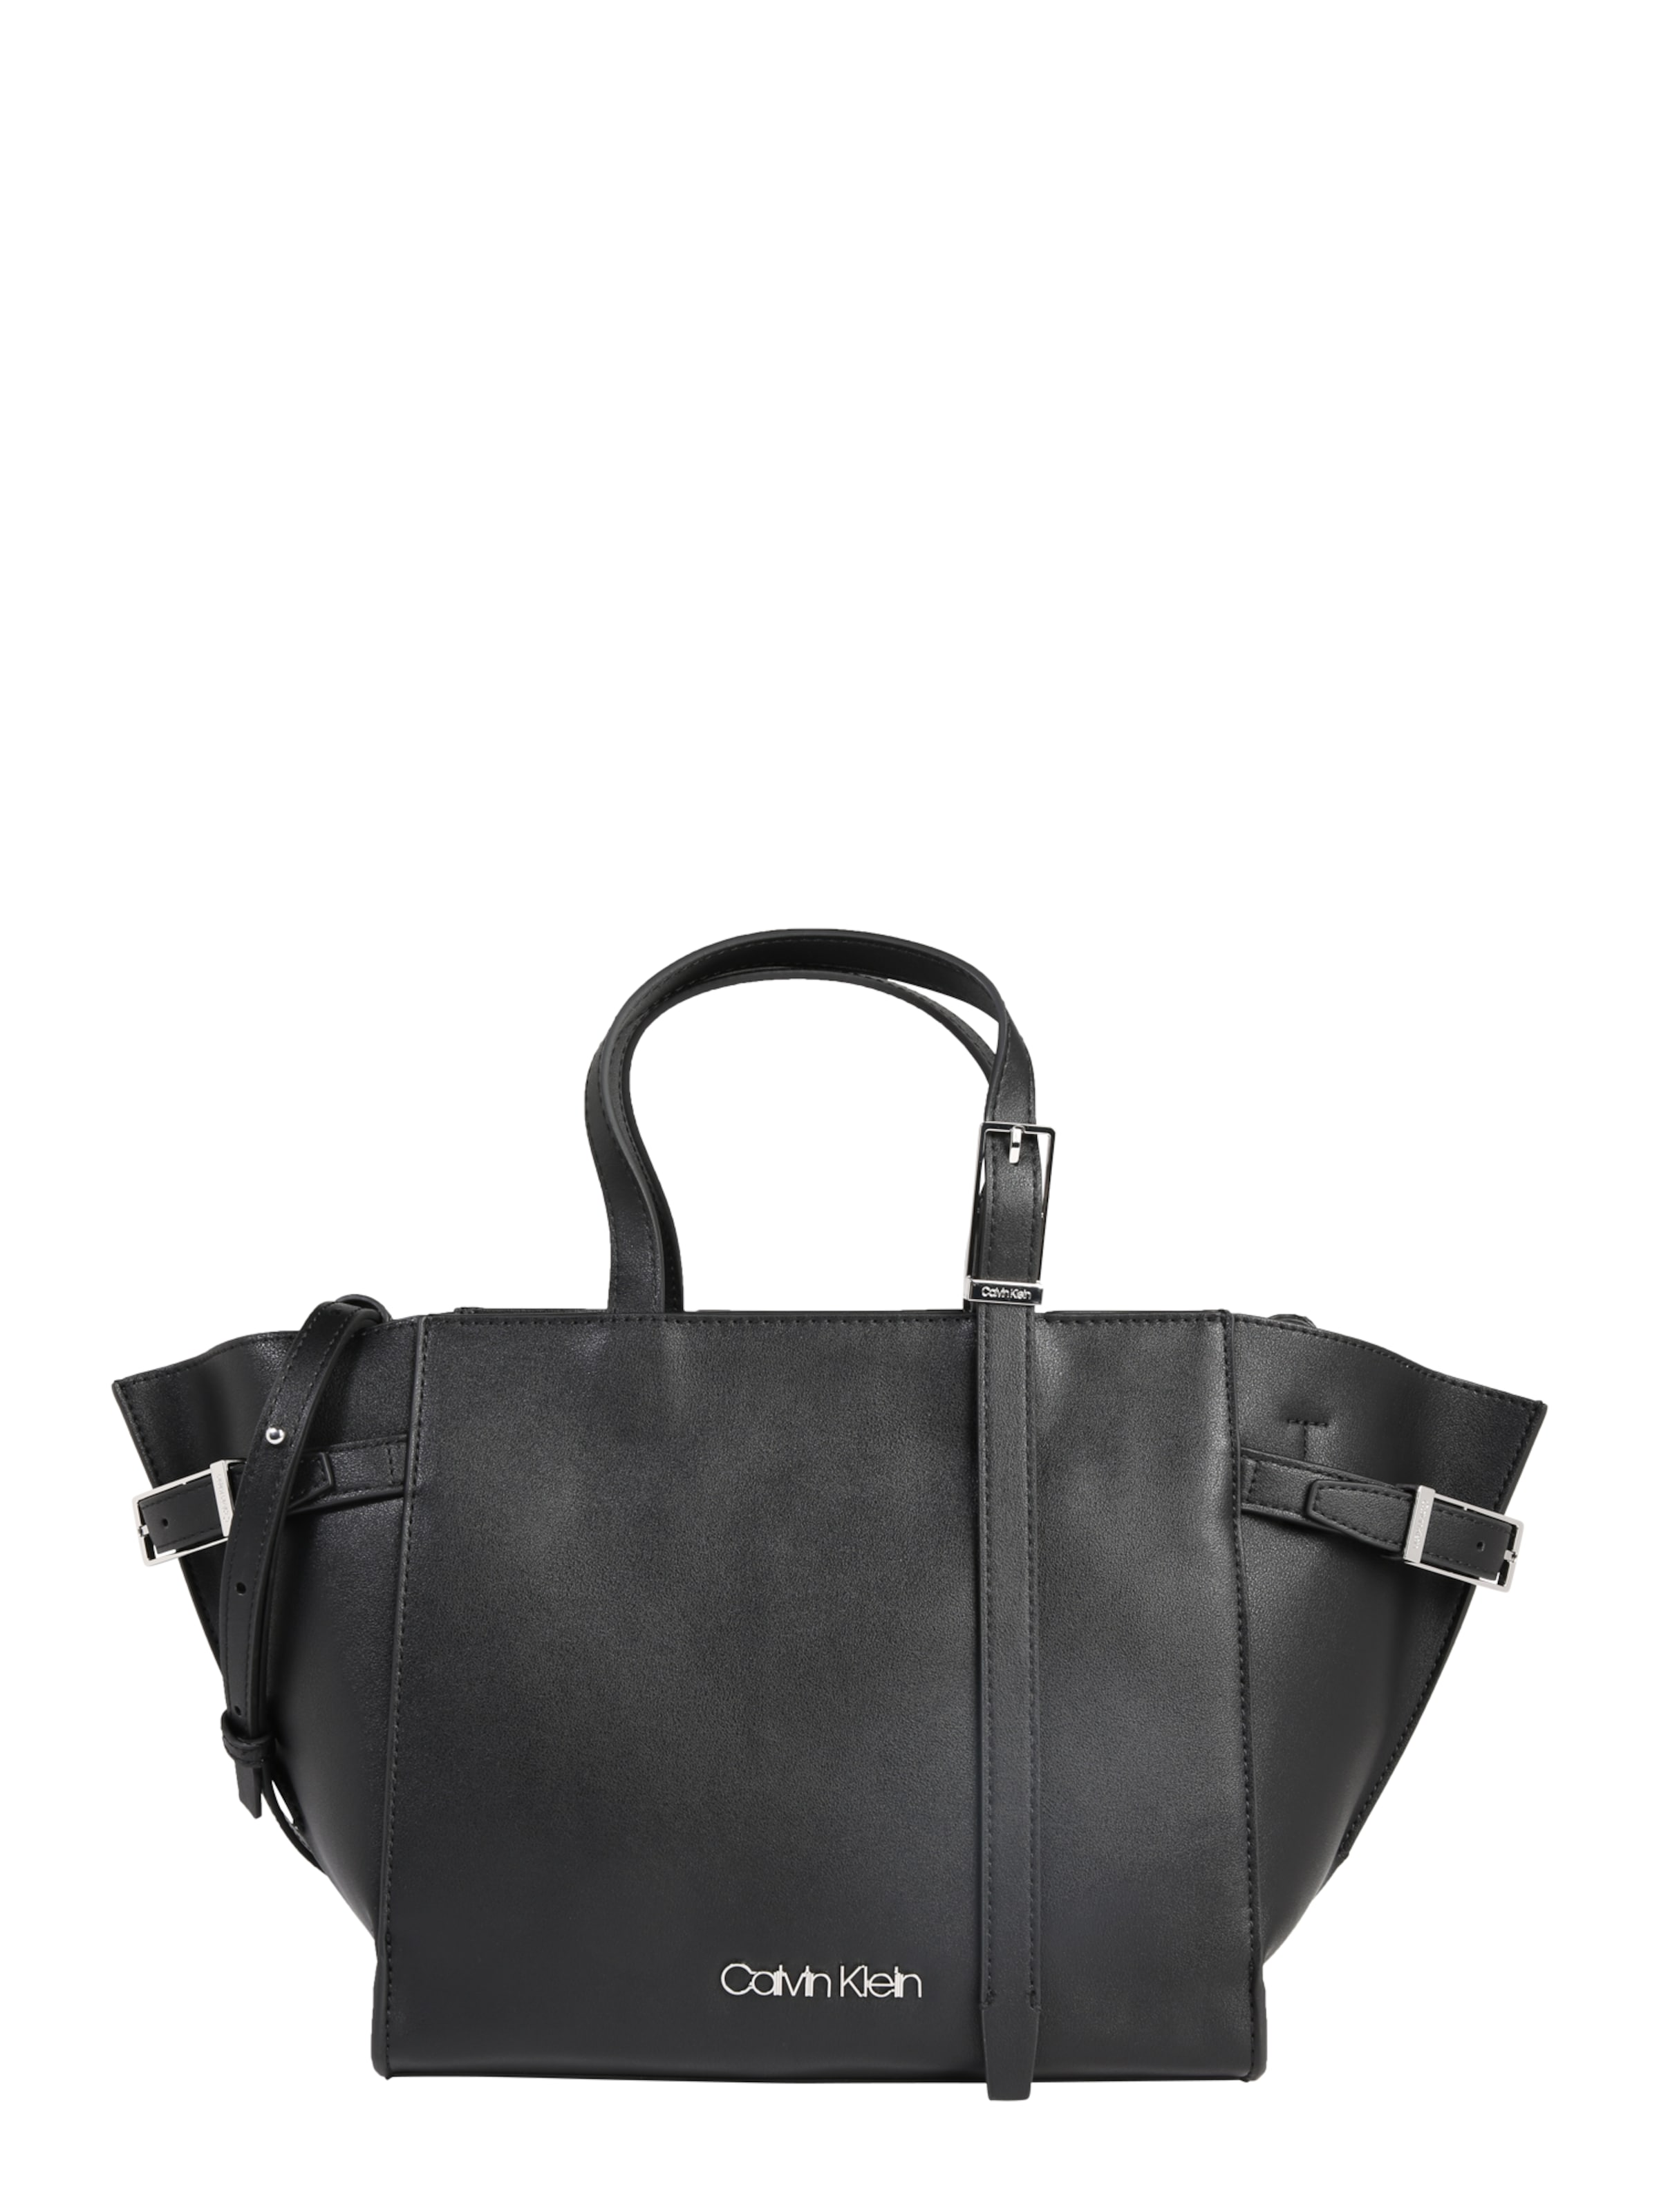 'extended In Schwarz Tasche Calvin Klein Tote' wXP80kNOZn